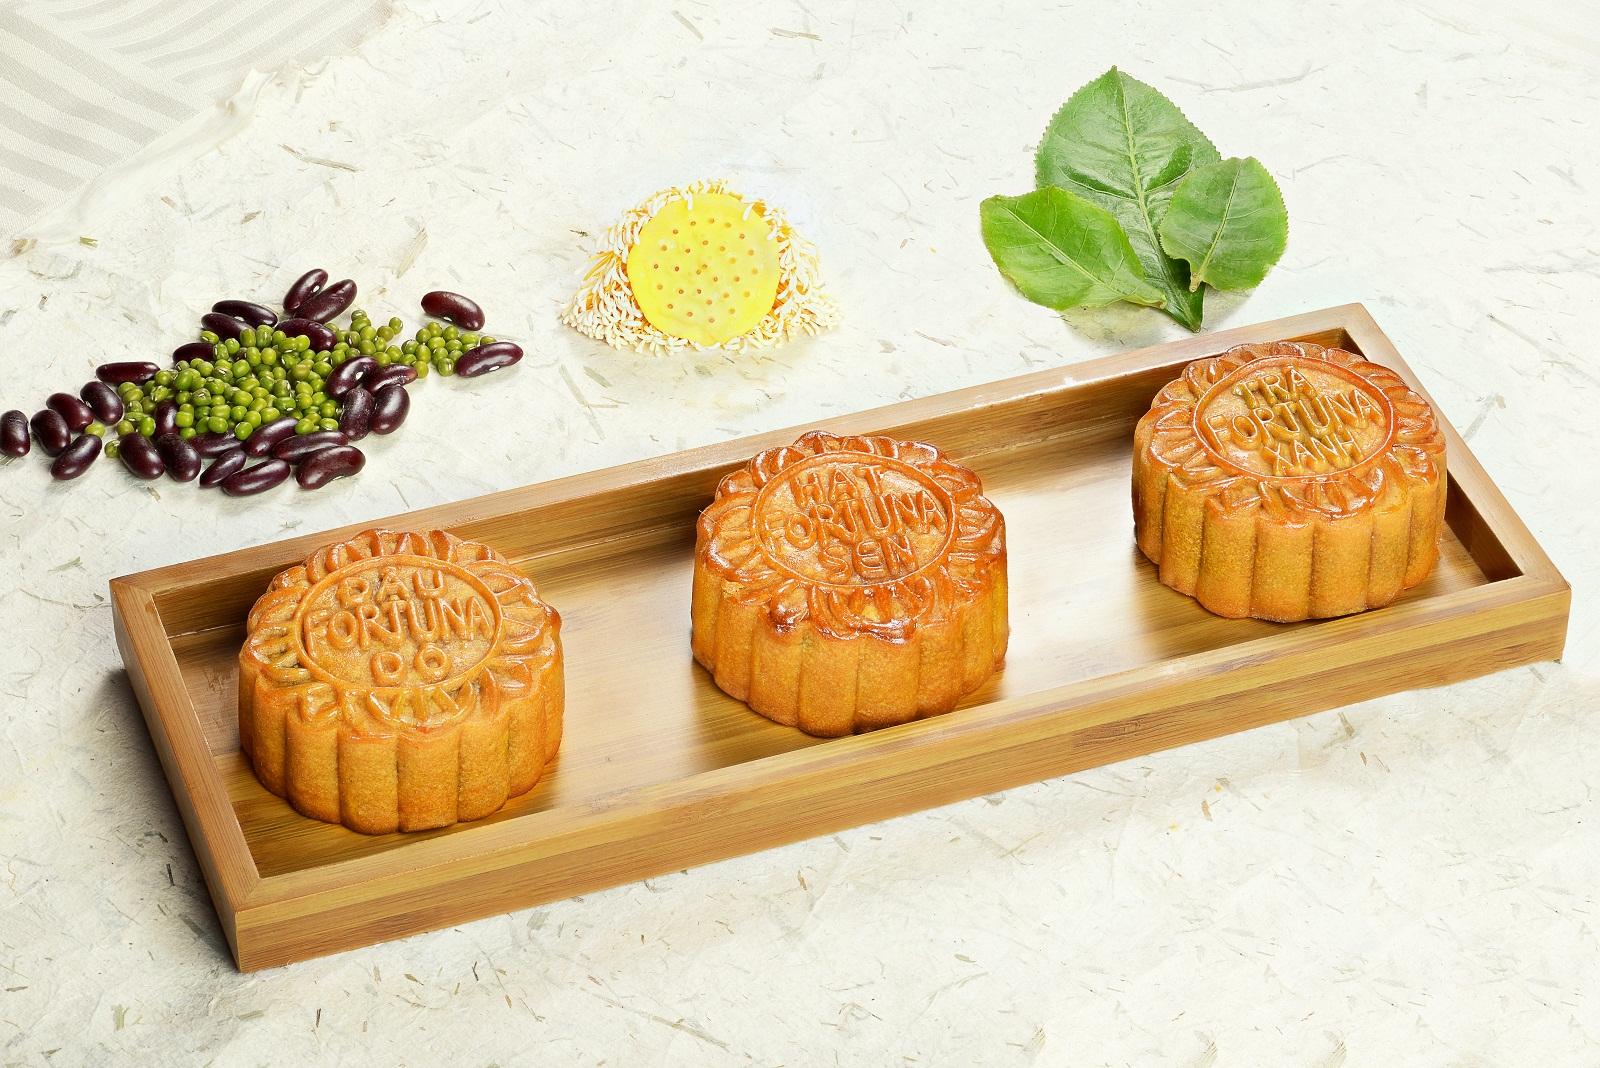 Cách làm bánh trung thu thập cẩm thành công ngay trong lần đầu tiên